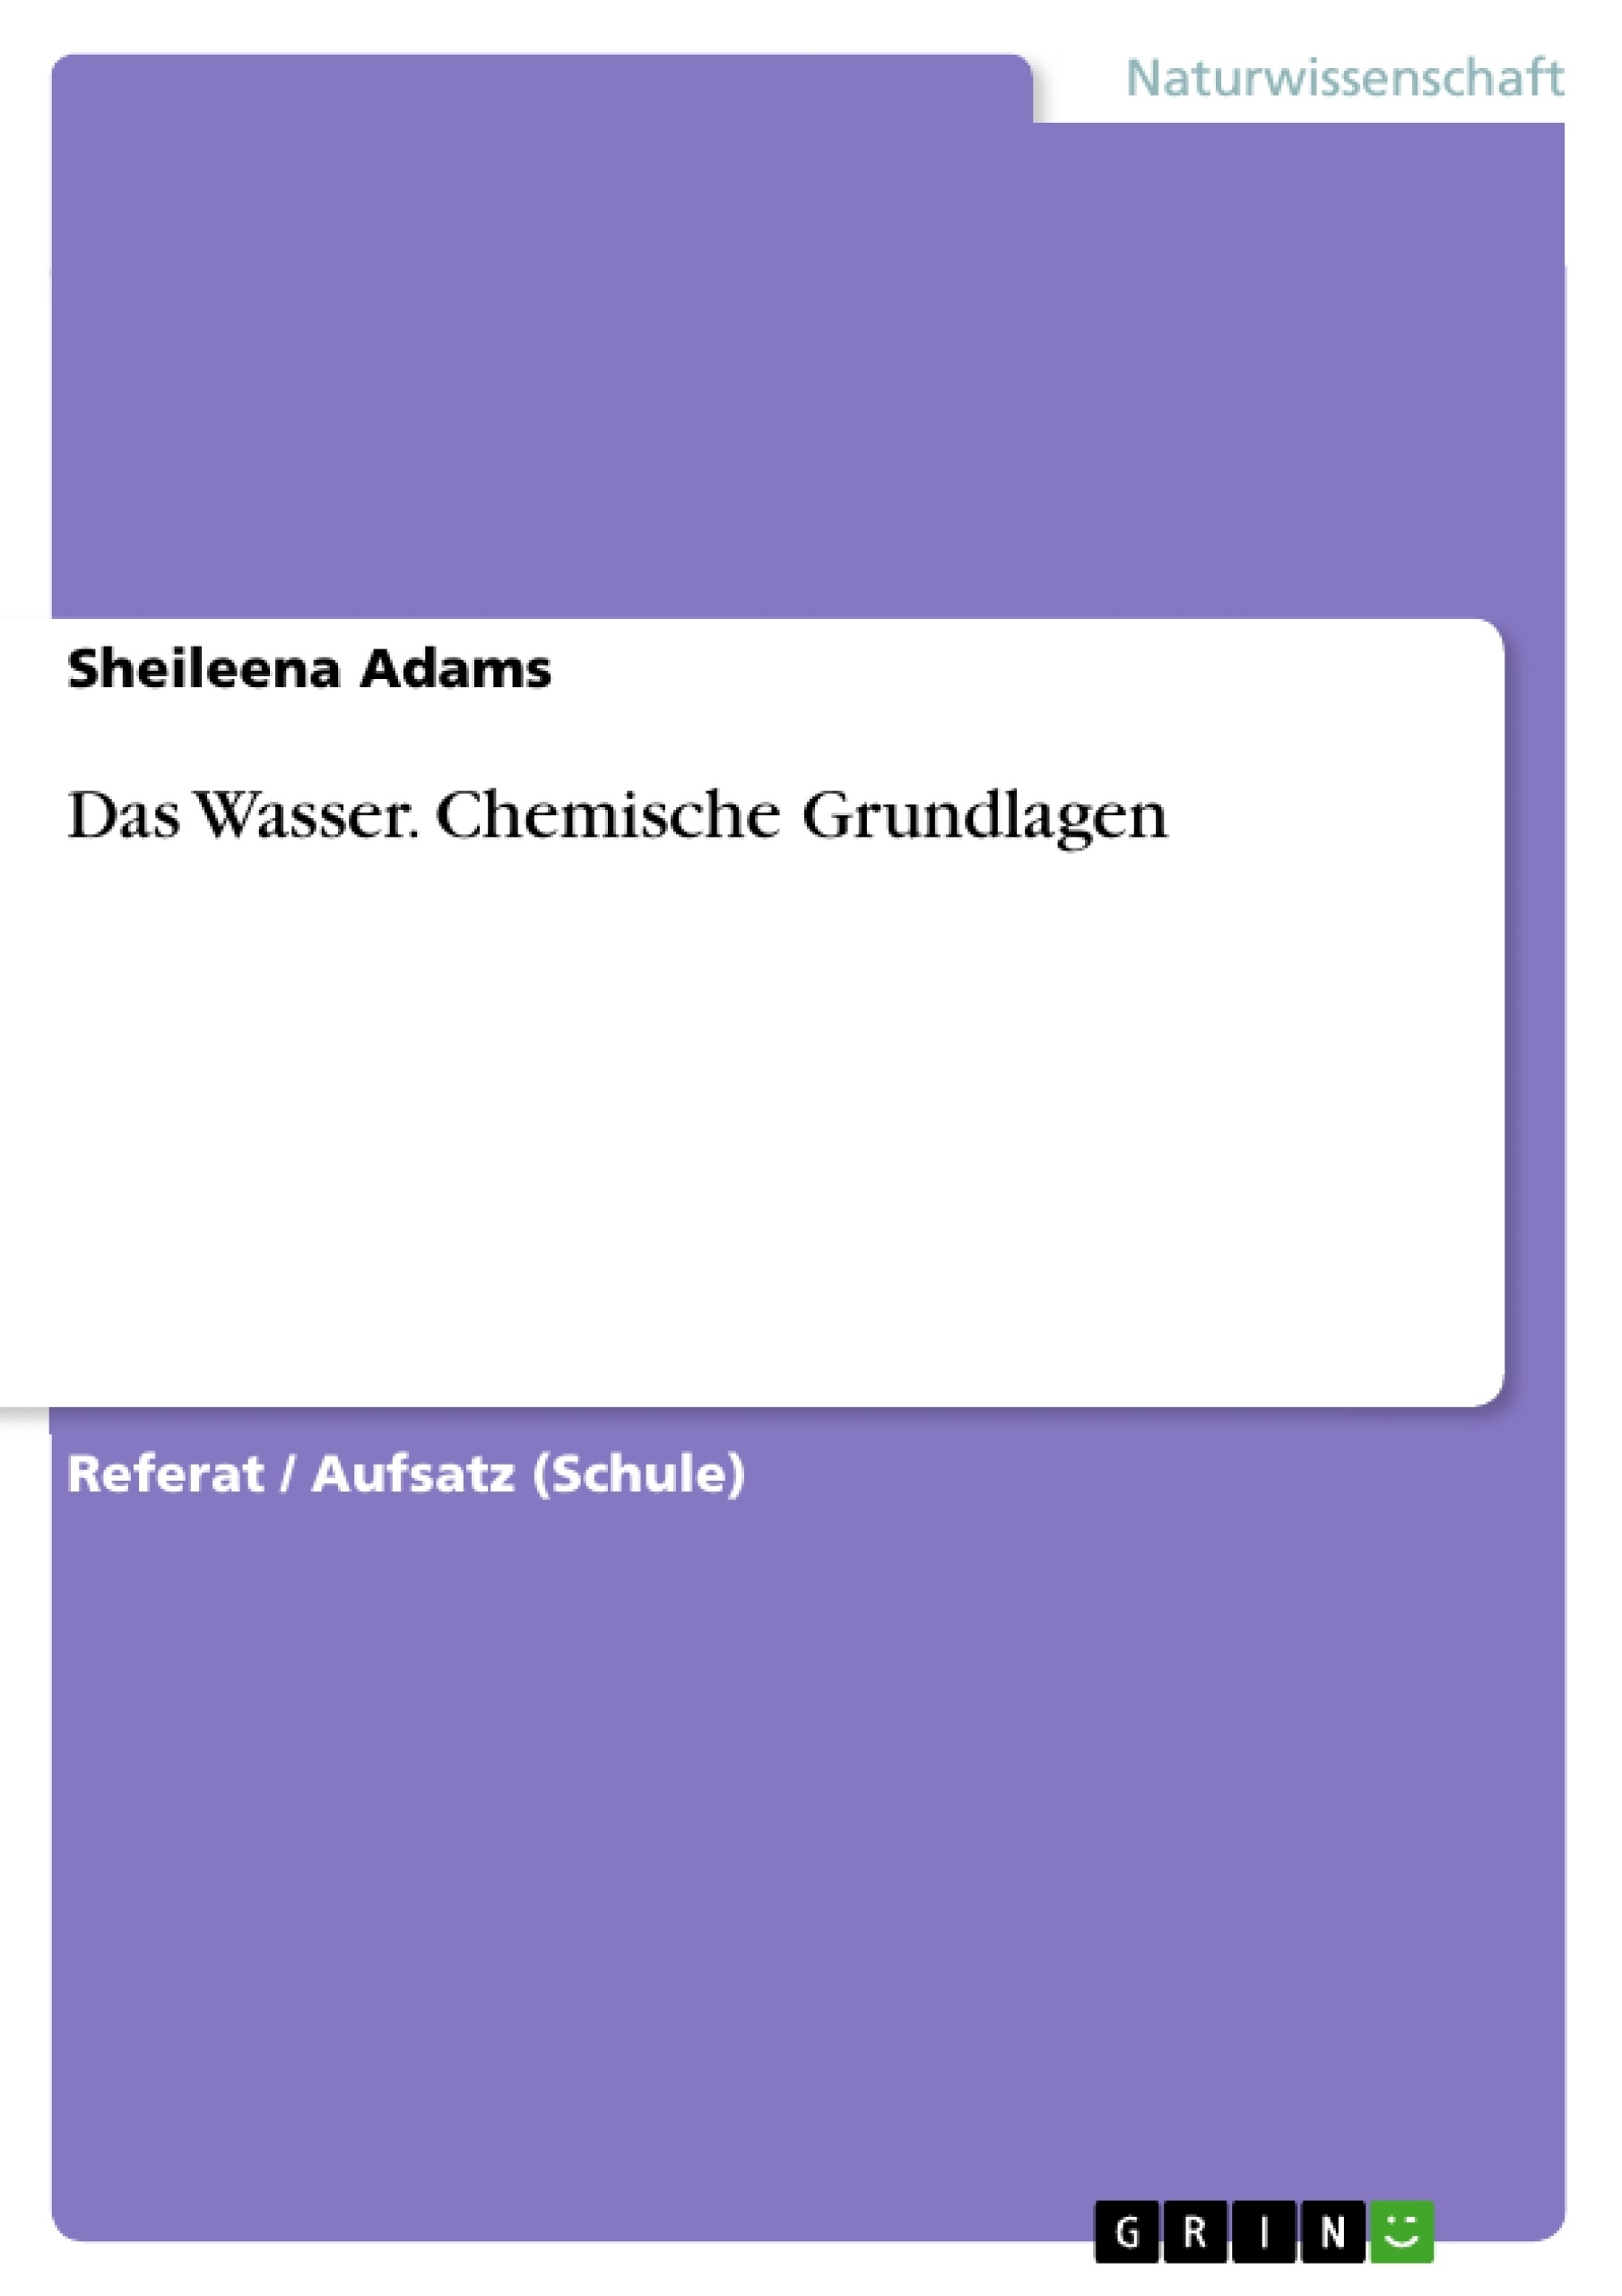 Titel: Das Wasser. Chemische Grundlagen